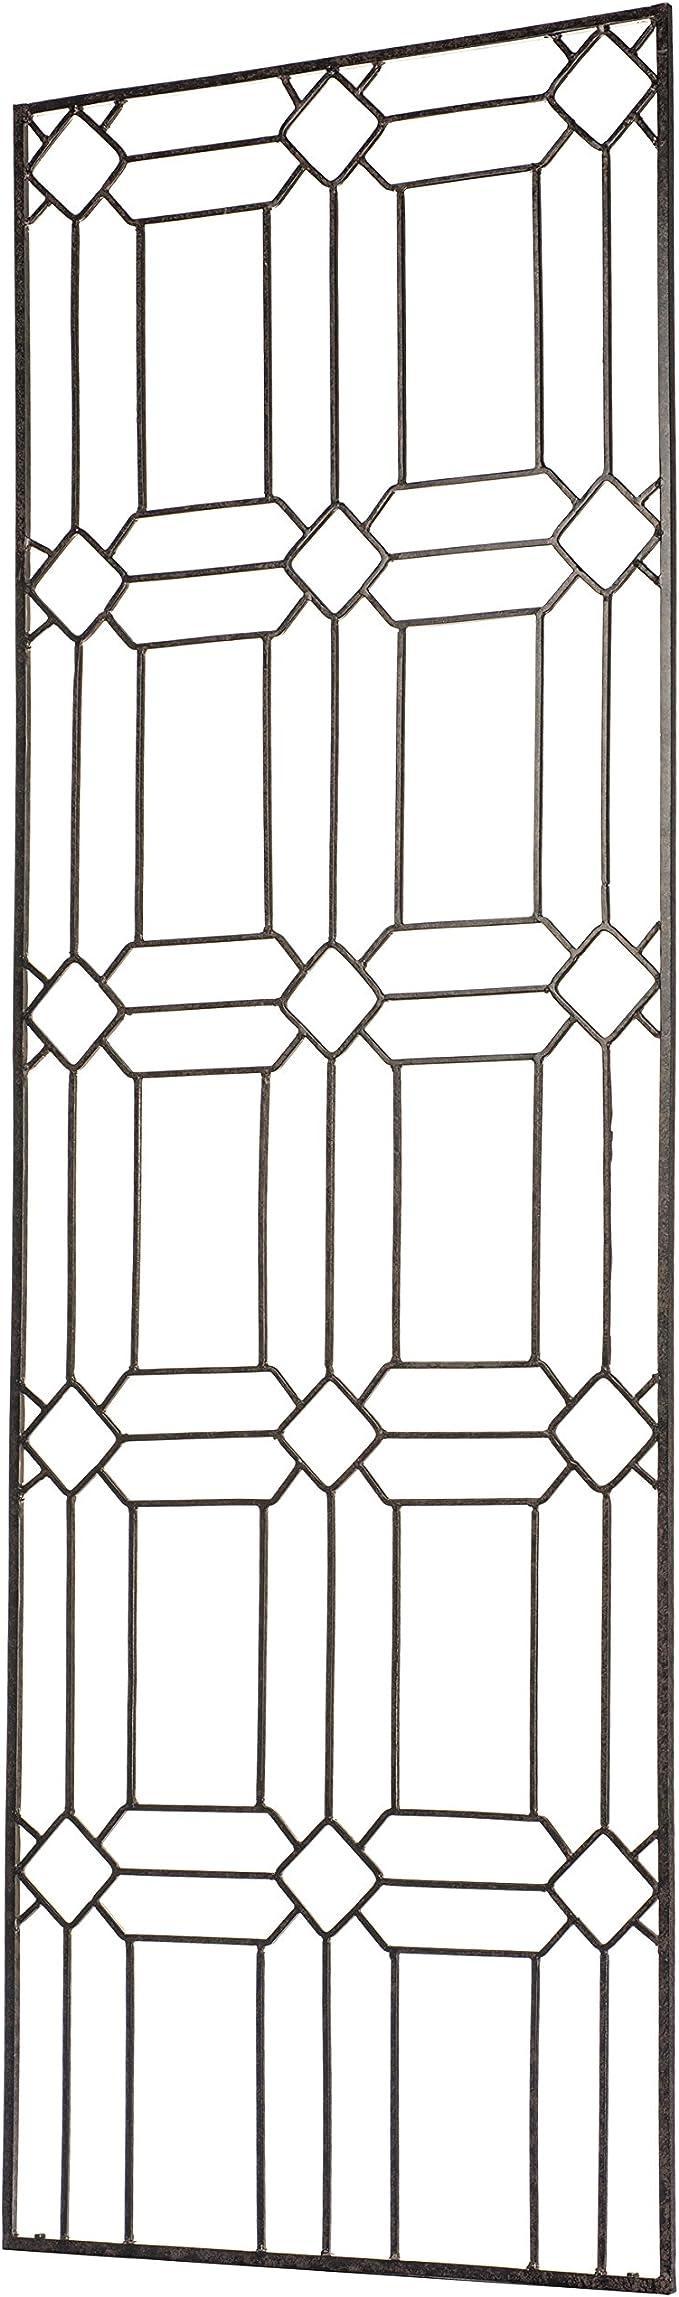 Extensible trellis PVC MT 4x1 White for decorations Vines Ivy